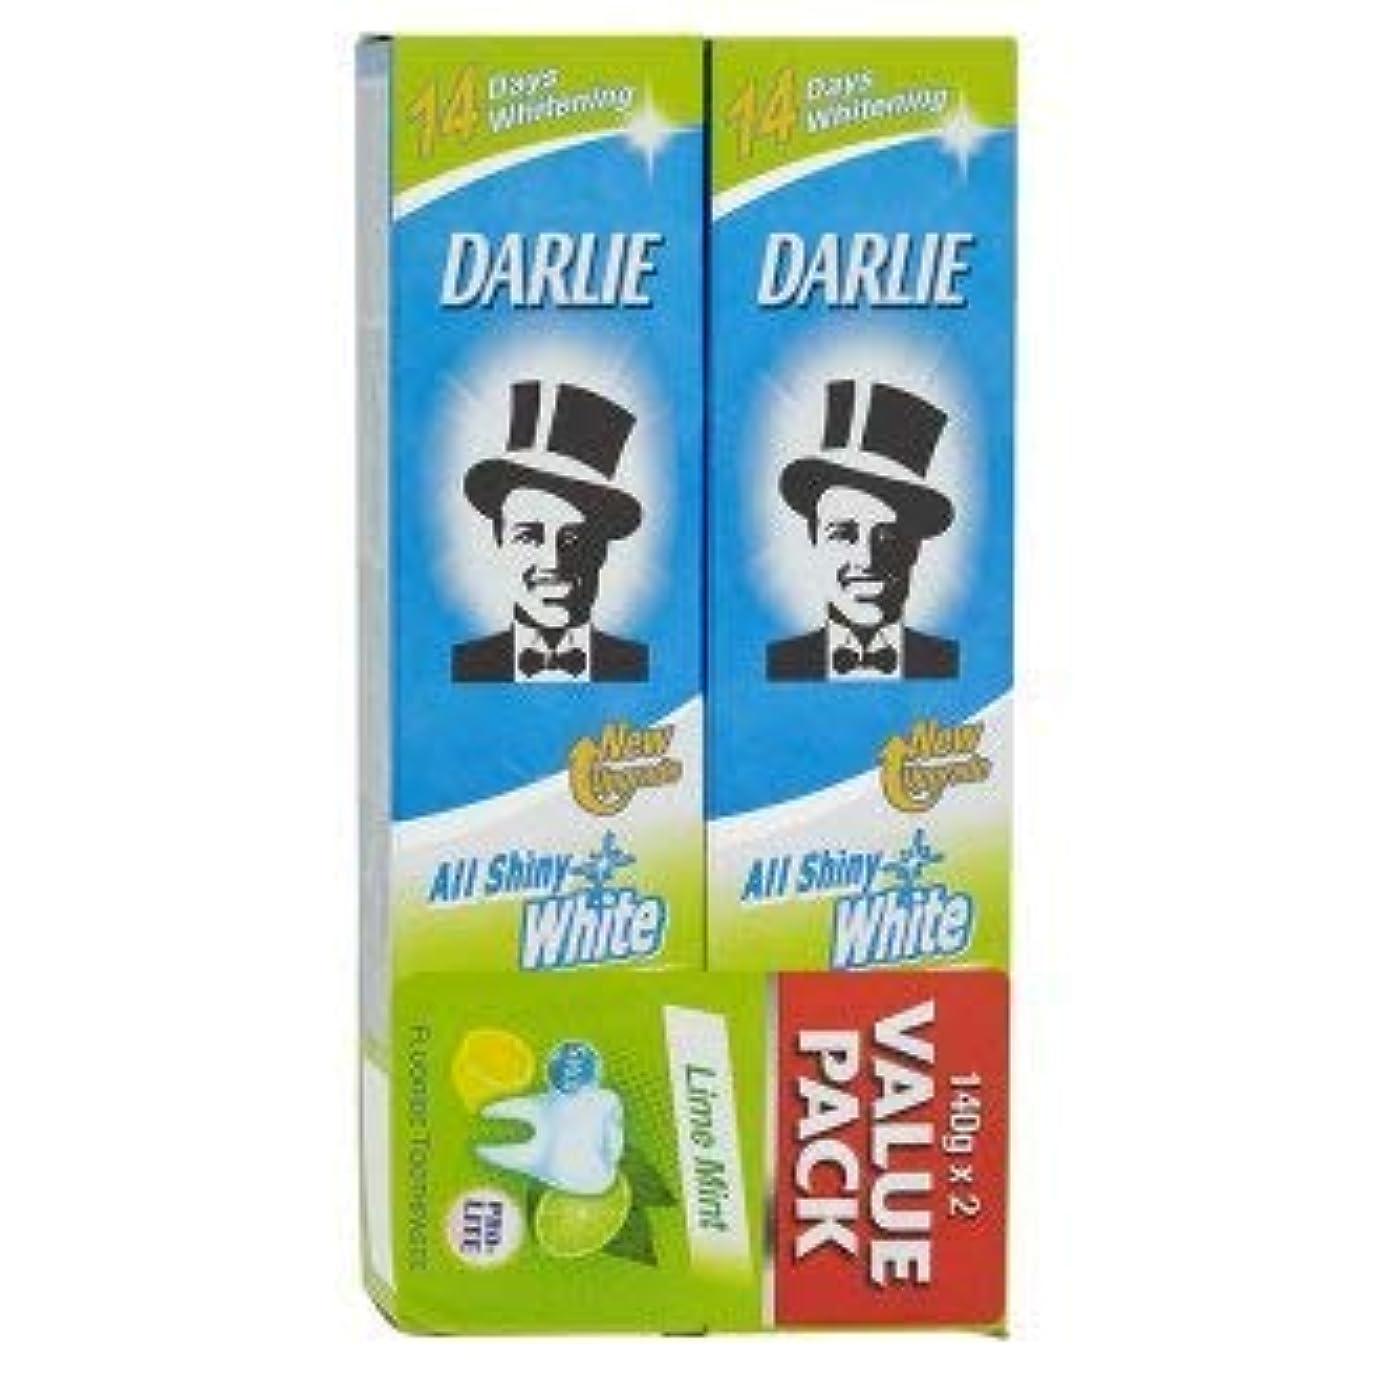 市町村記事ホストDARLIE 2つの電力可溶性汚れや緩やかな歯のホワイトニングを提供する新しいデュアルホワイトニングシステム - 全光沢のある白ライムミント140グラム値パックX2を歯磨き粉